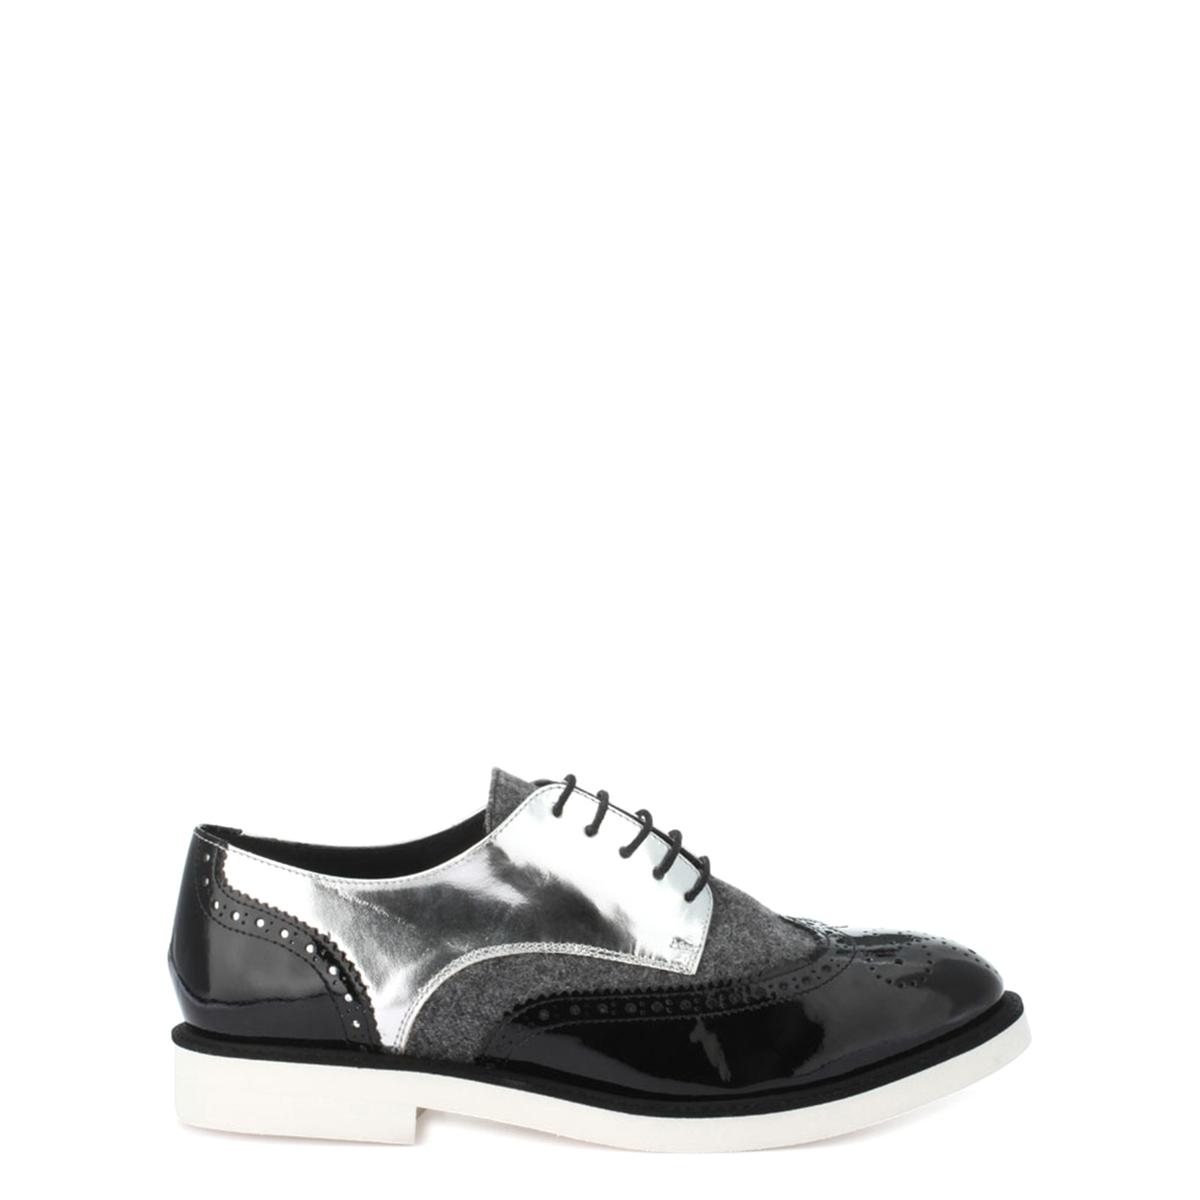 Ботинки-дерби кожаные Ela/Flanelle ботинки дерби под кожу питона